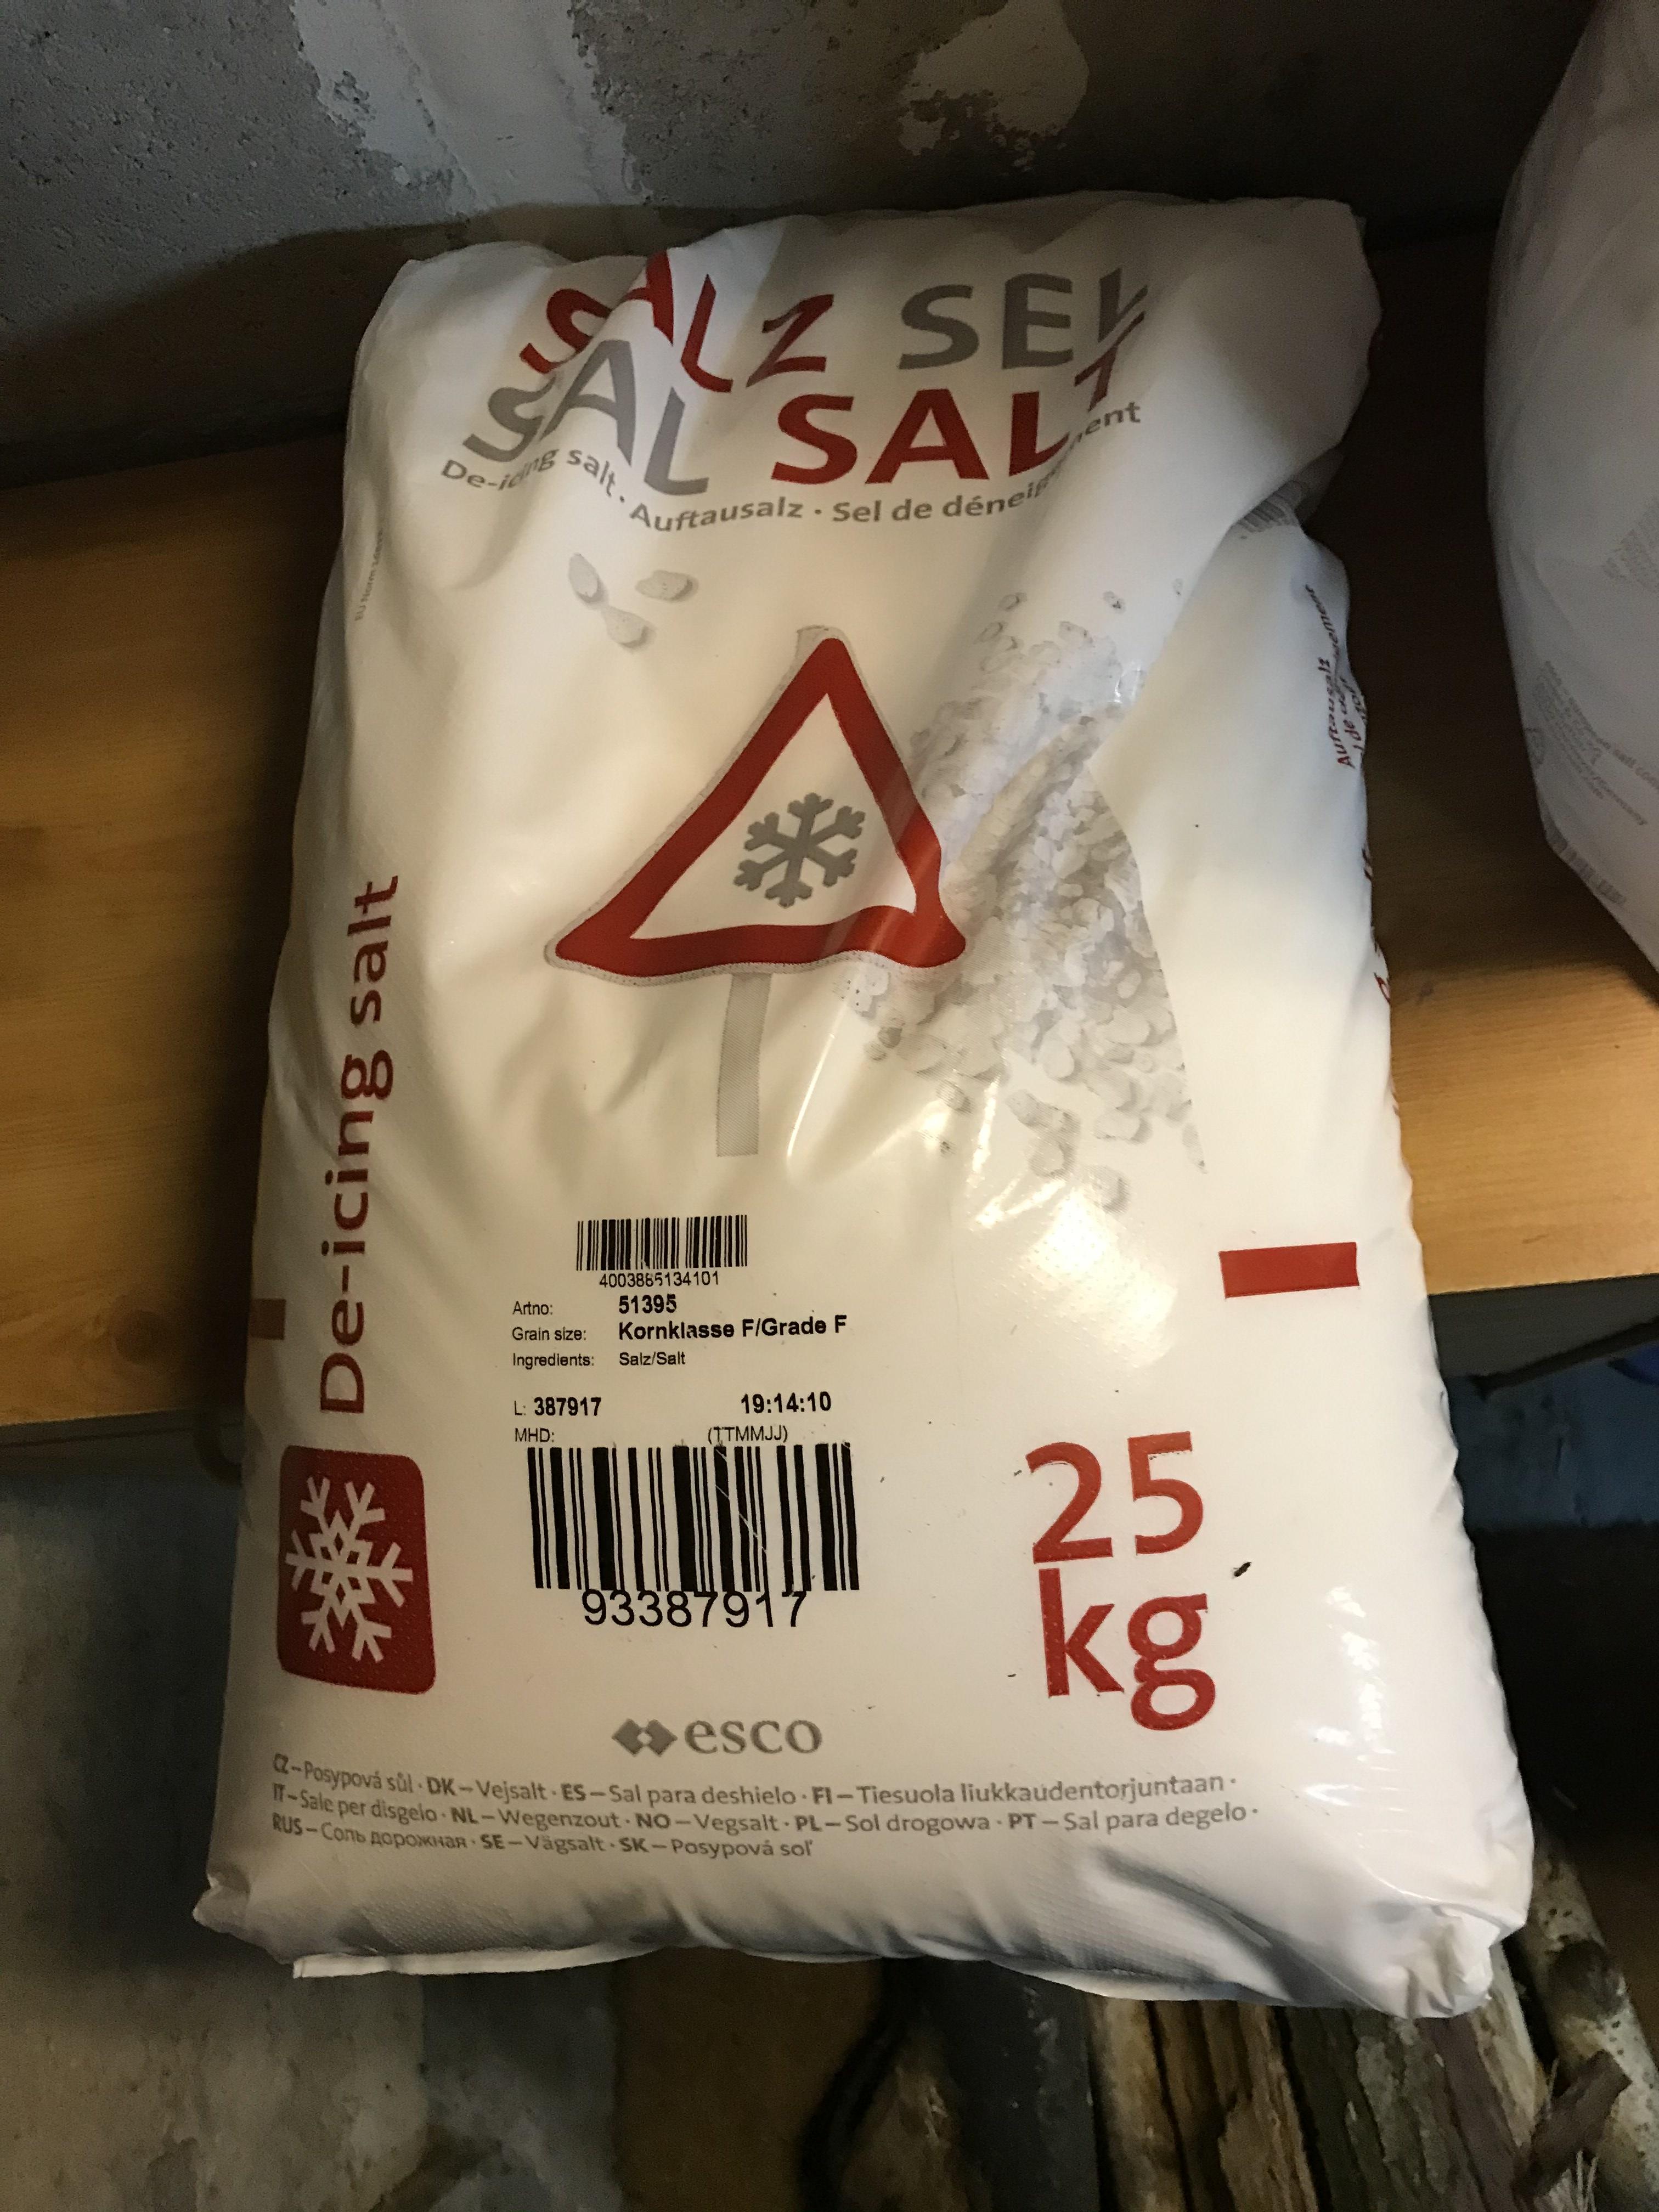 Sac de sel de déneigement (25 kg) - Chambourcy (78)